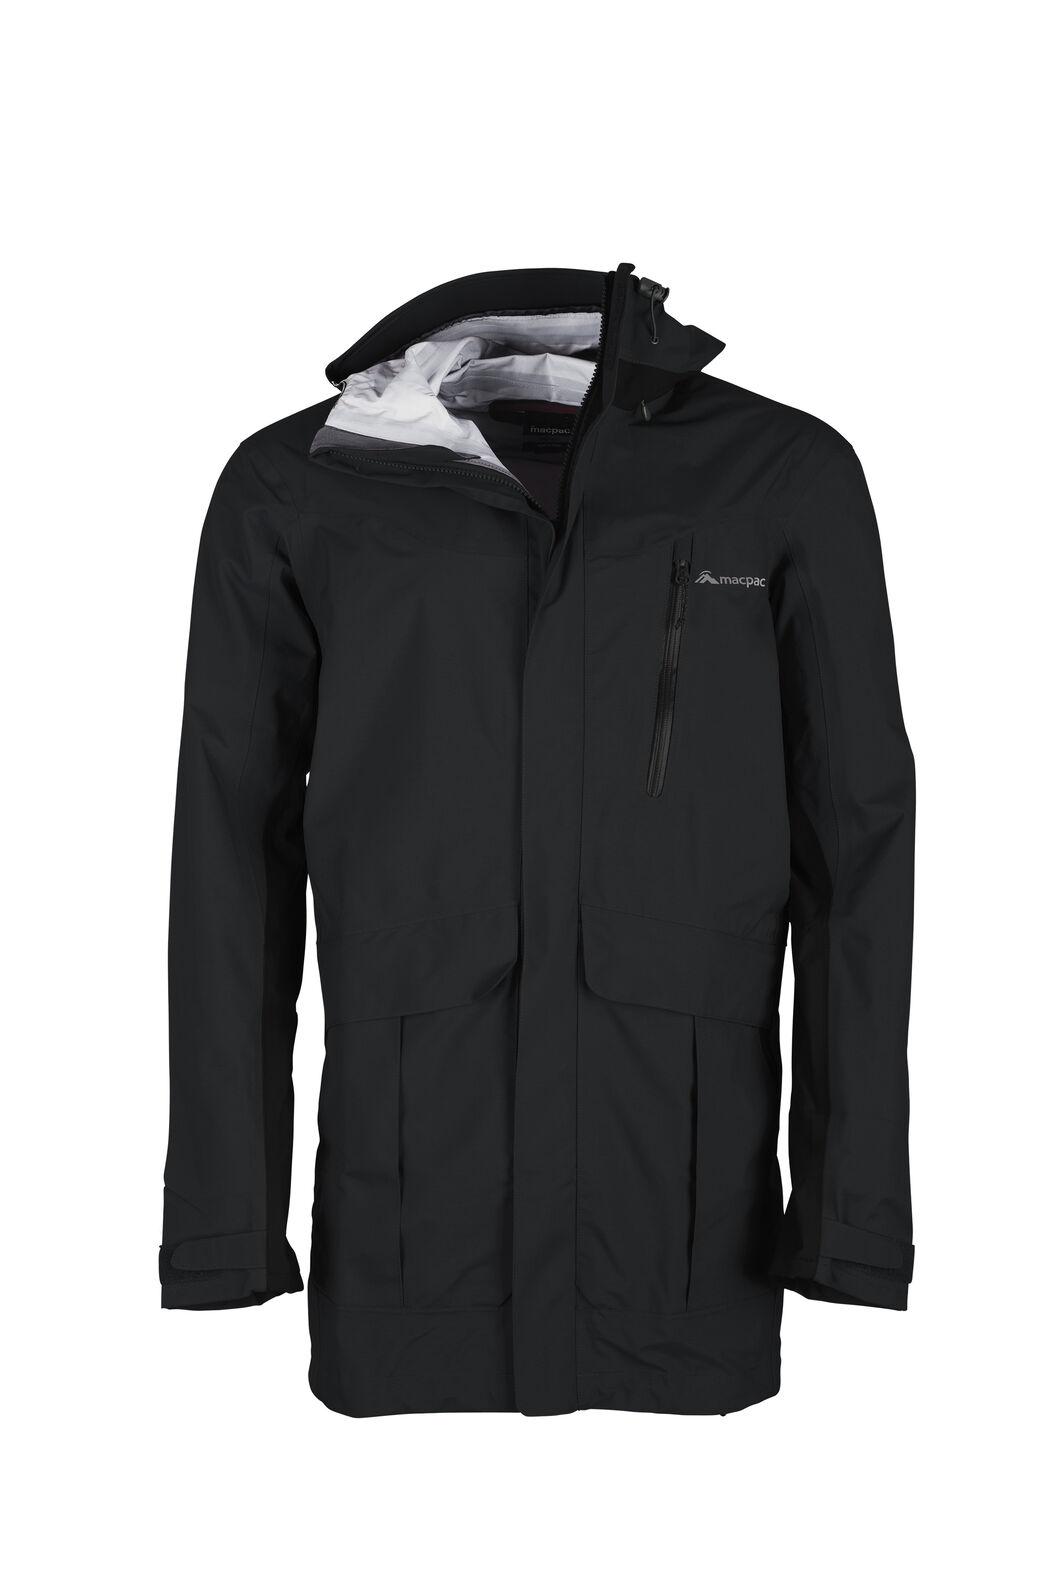 Macpac Men's Copland Long Rain Jacket, Black, hi-res